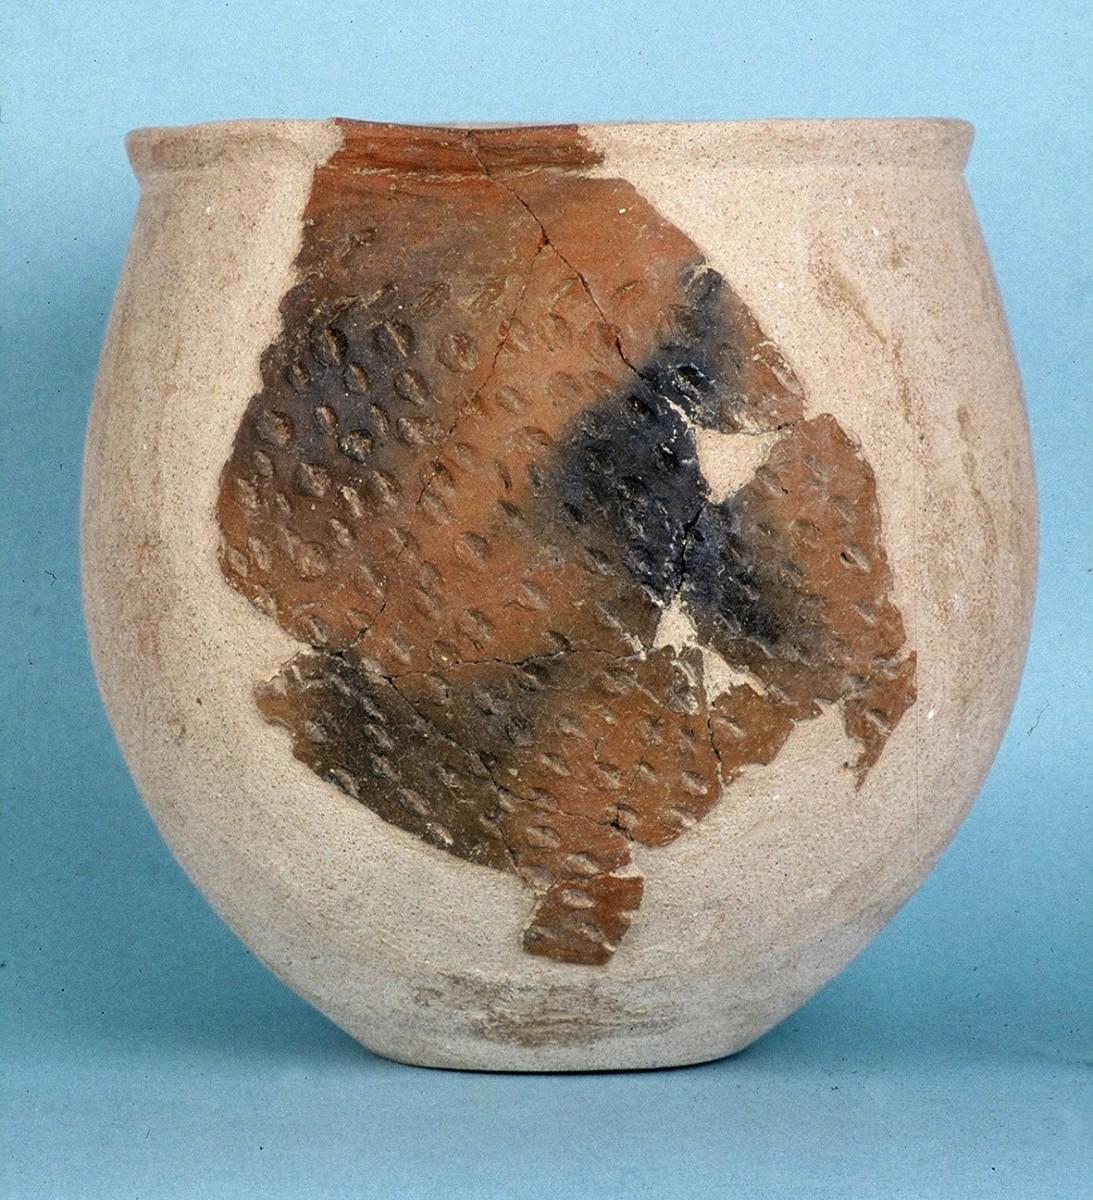 Εικ. 17. Αγγείο της Αρχαιότερης Νεολιθικής με εμπίεστες νυχιές.